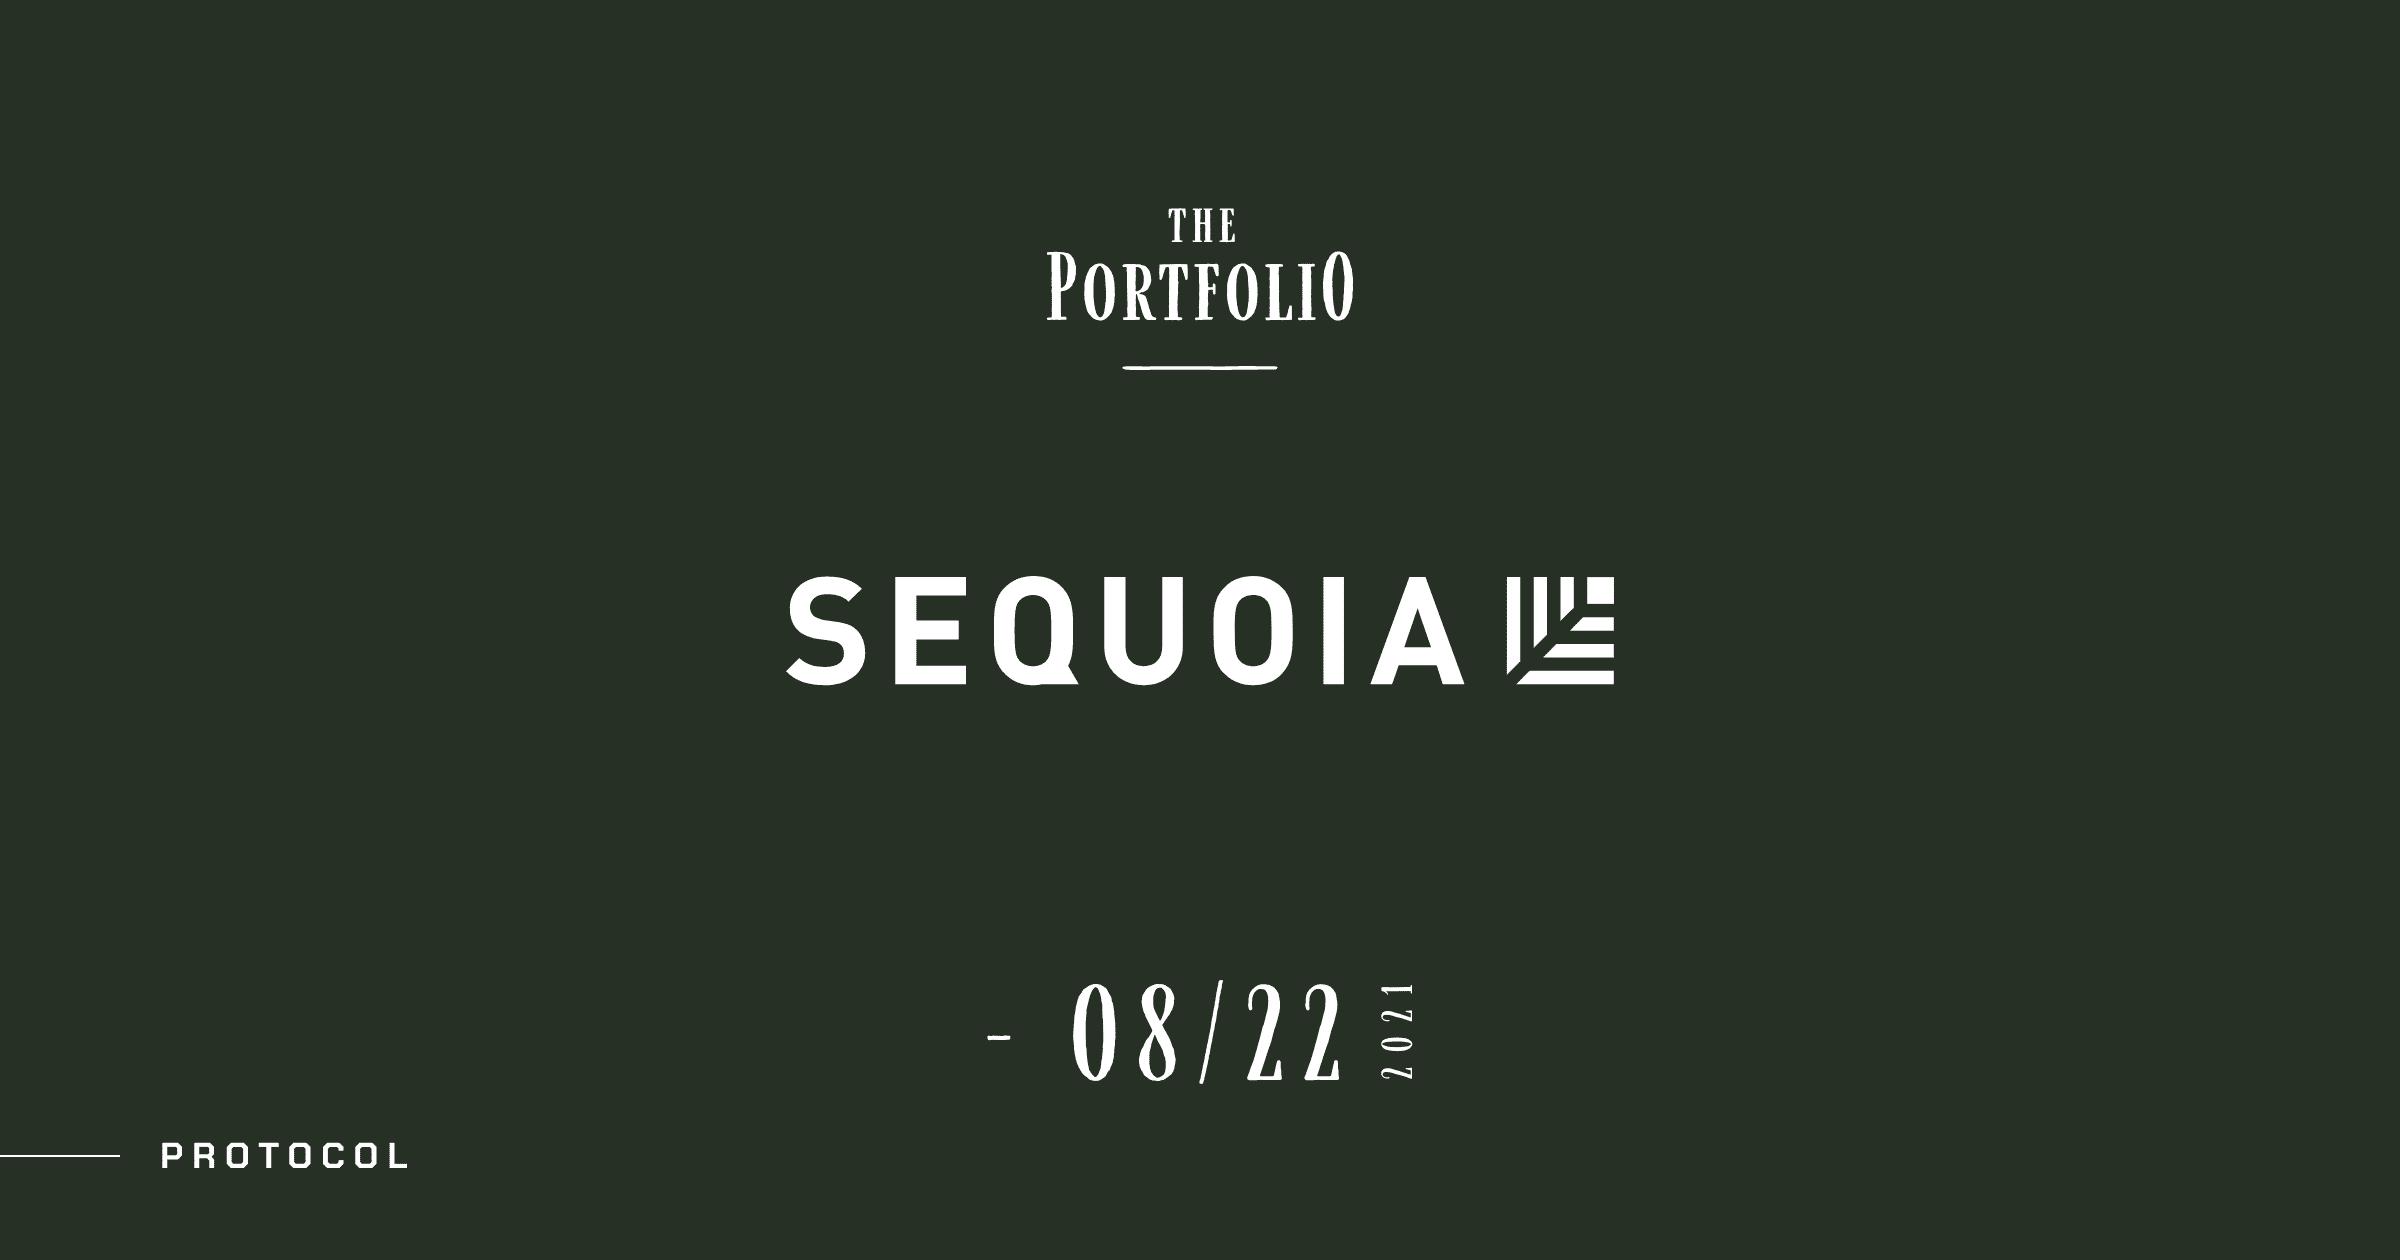 【The Portfolio:Sequoia Capital】今週セコイア・キャピタルが投資した注目スタートアップ──2021年8月16日-8月22日